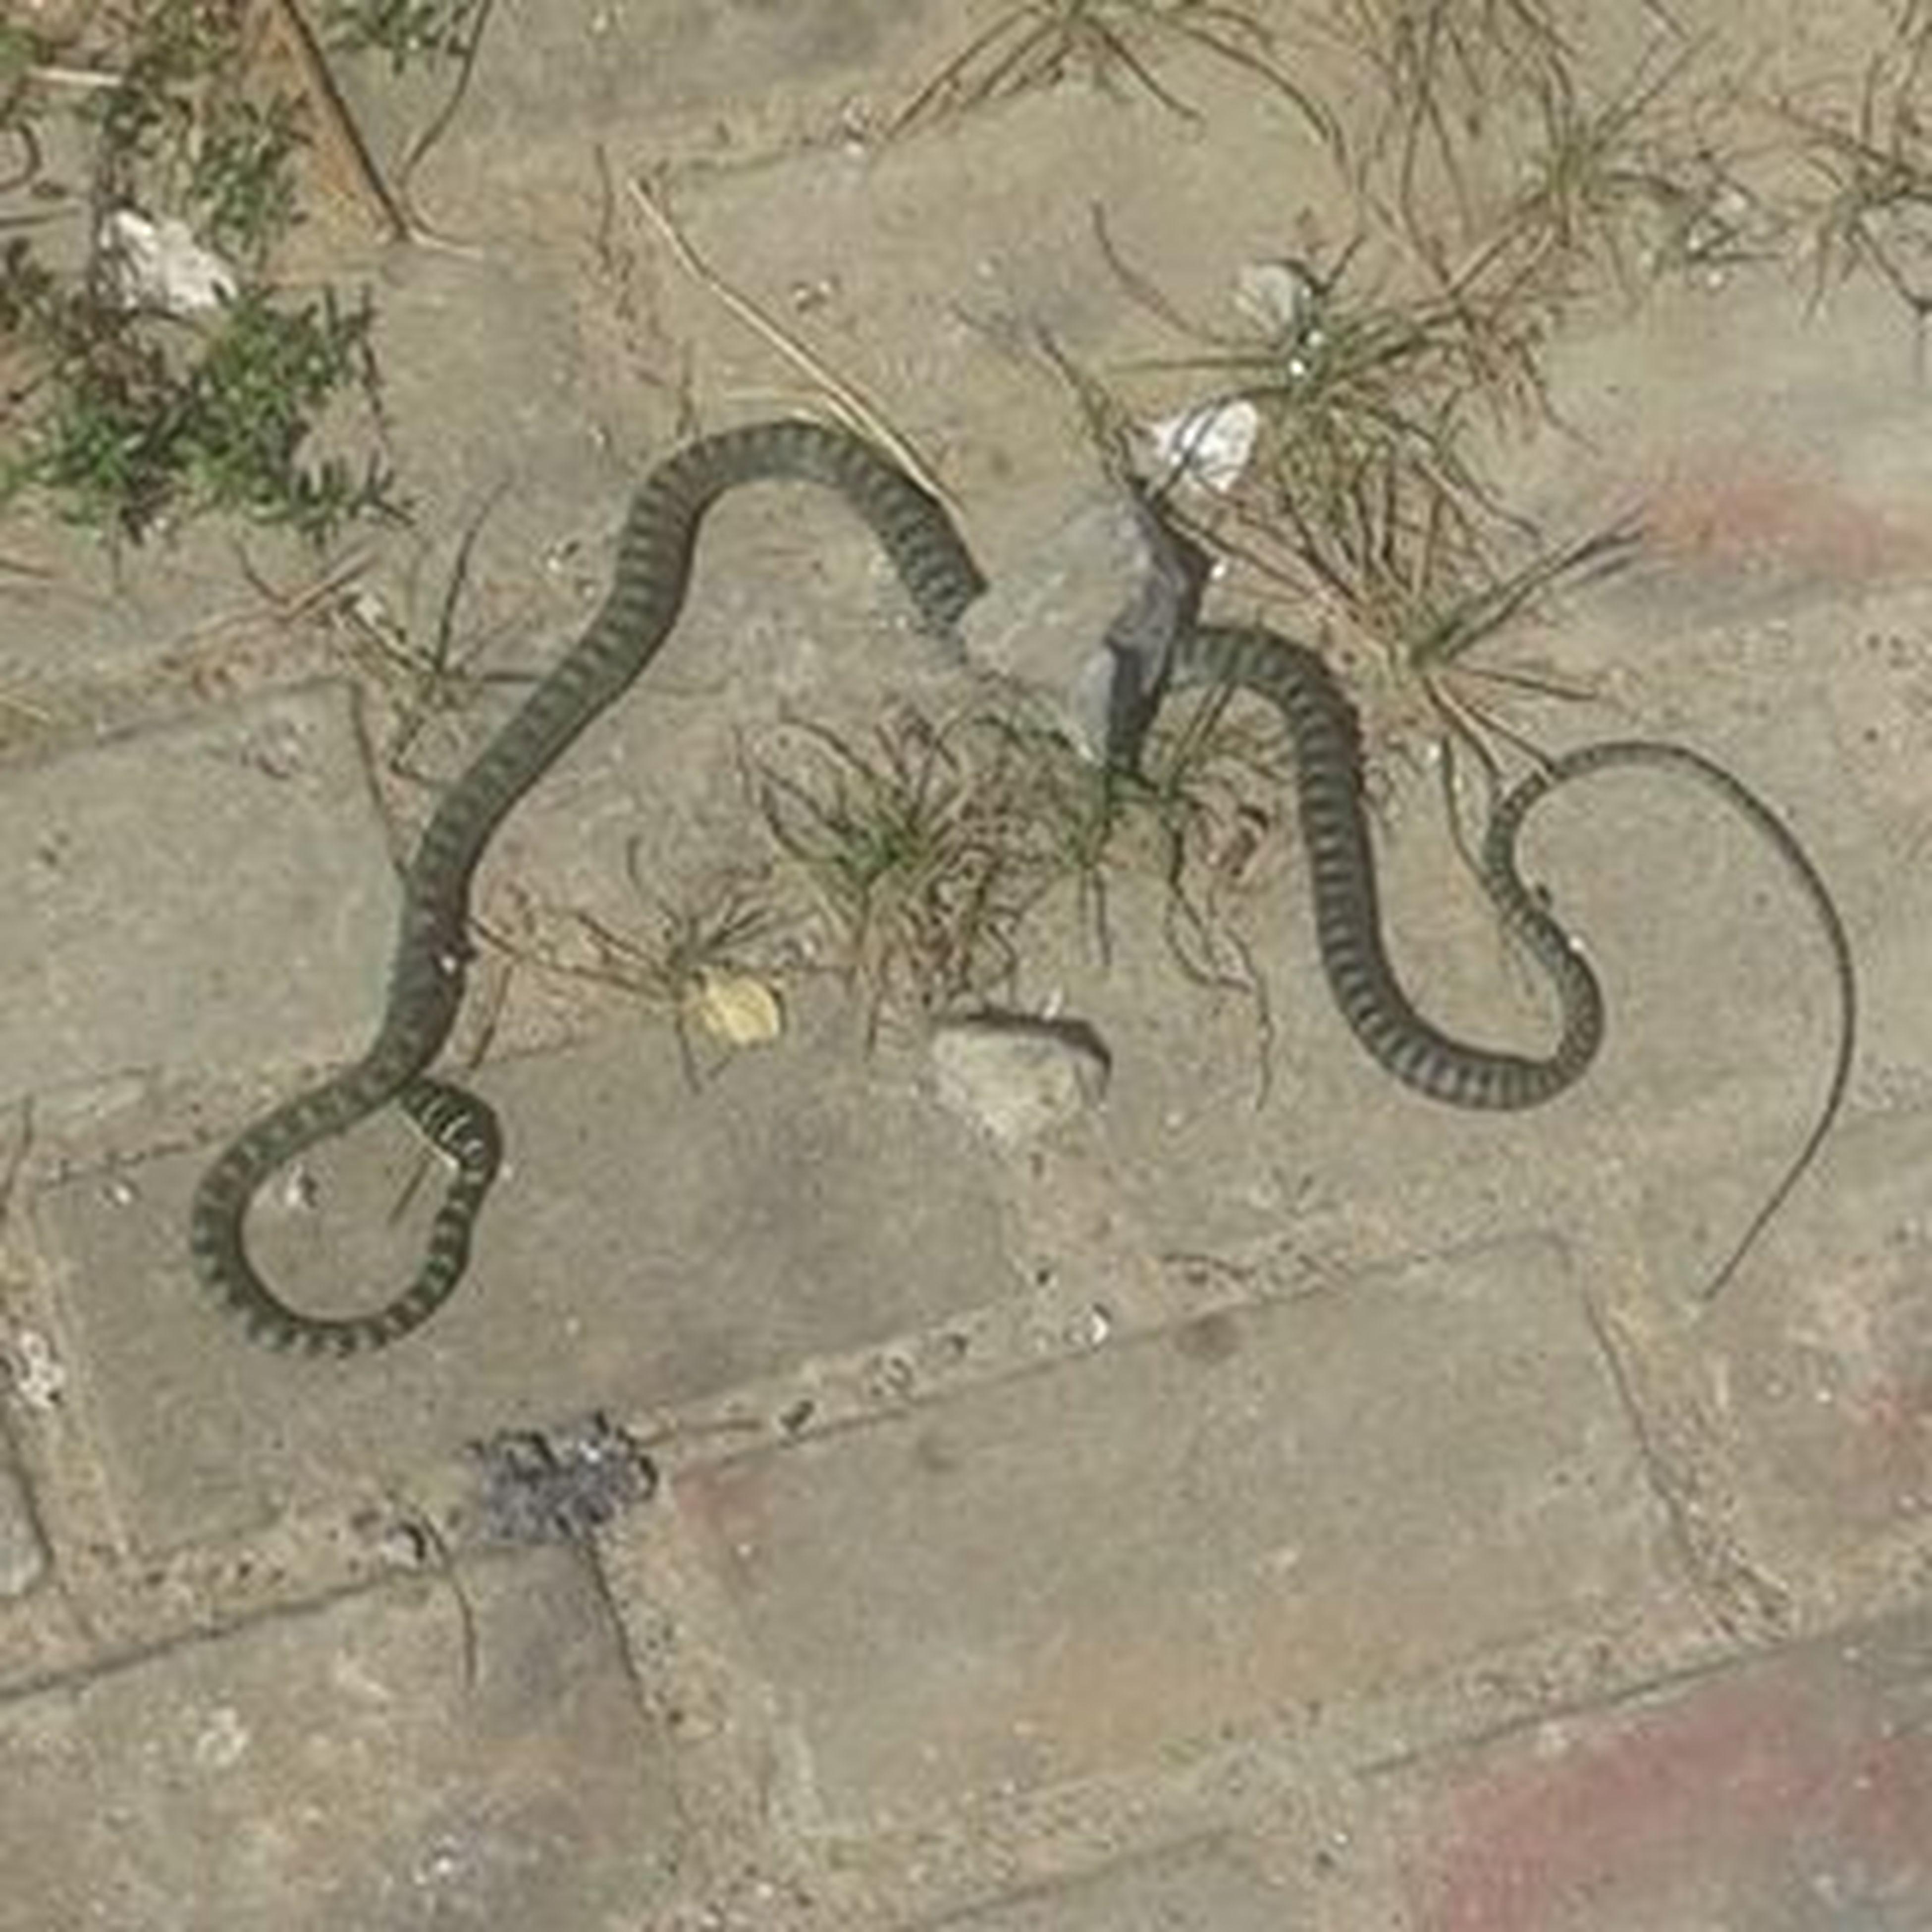 Snake Snakeanyone Reptile Poisonous Unknown Onthefootpath Vientiane Laos Johnnelson Lifeasiseeit Animal Southeastasia